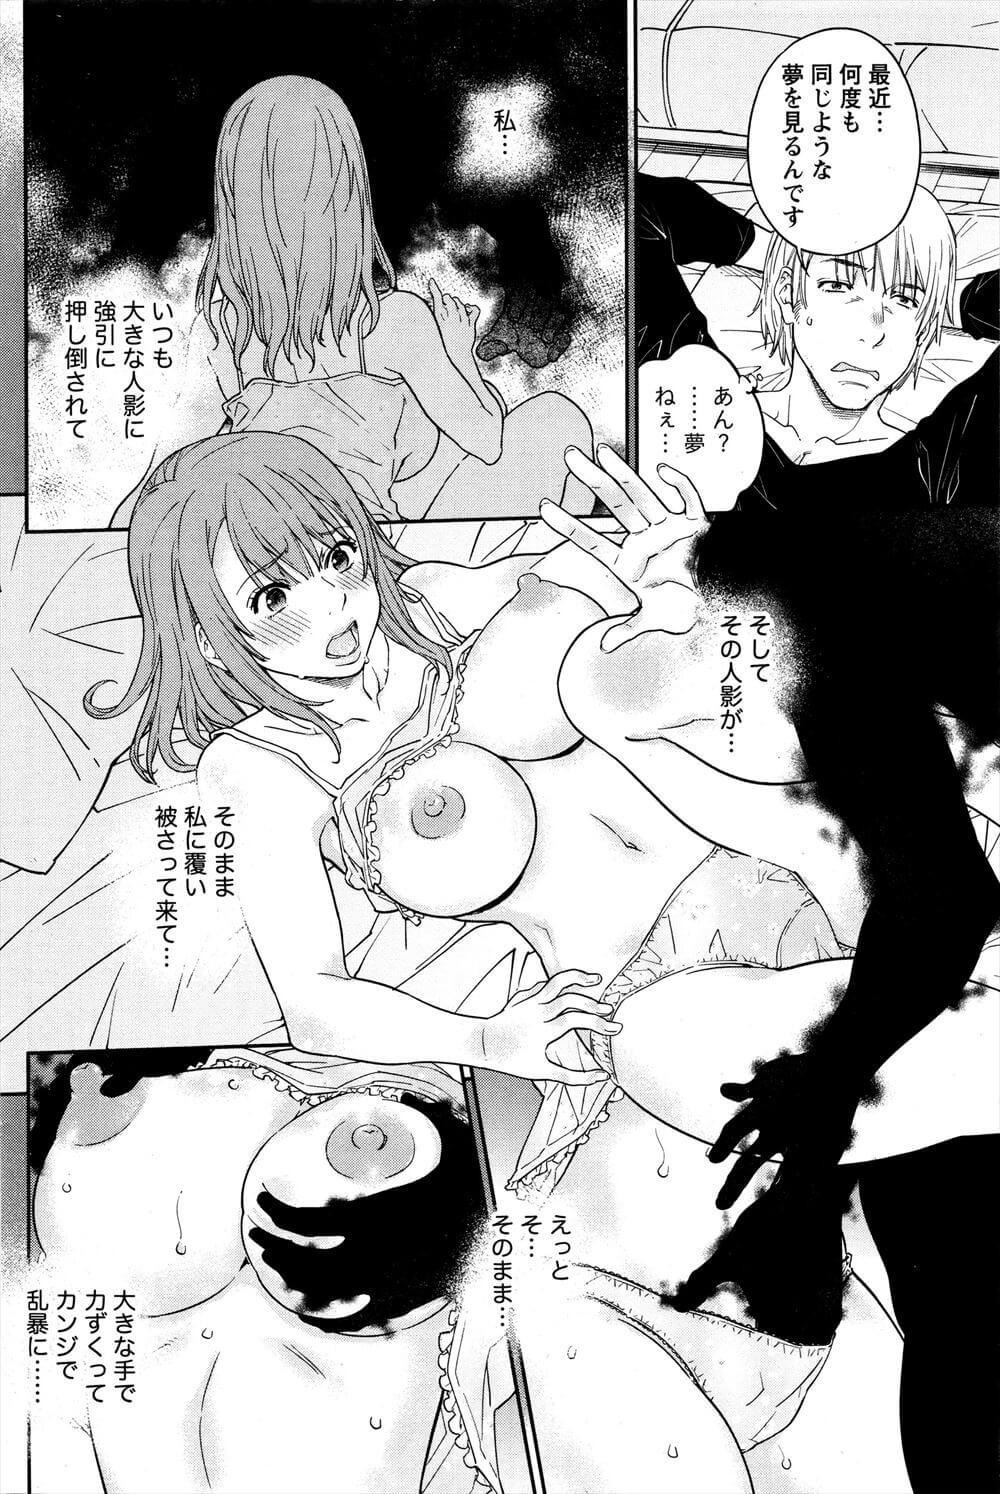 【エロ漫画】隣に引っ越してきた巨乳JDがやけに人懐っこくて幽霊が出たと泣きついてきて!【無料 エロ同人】 (10)